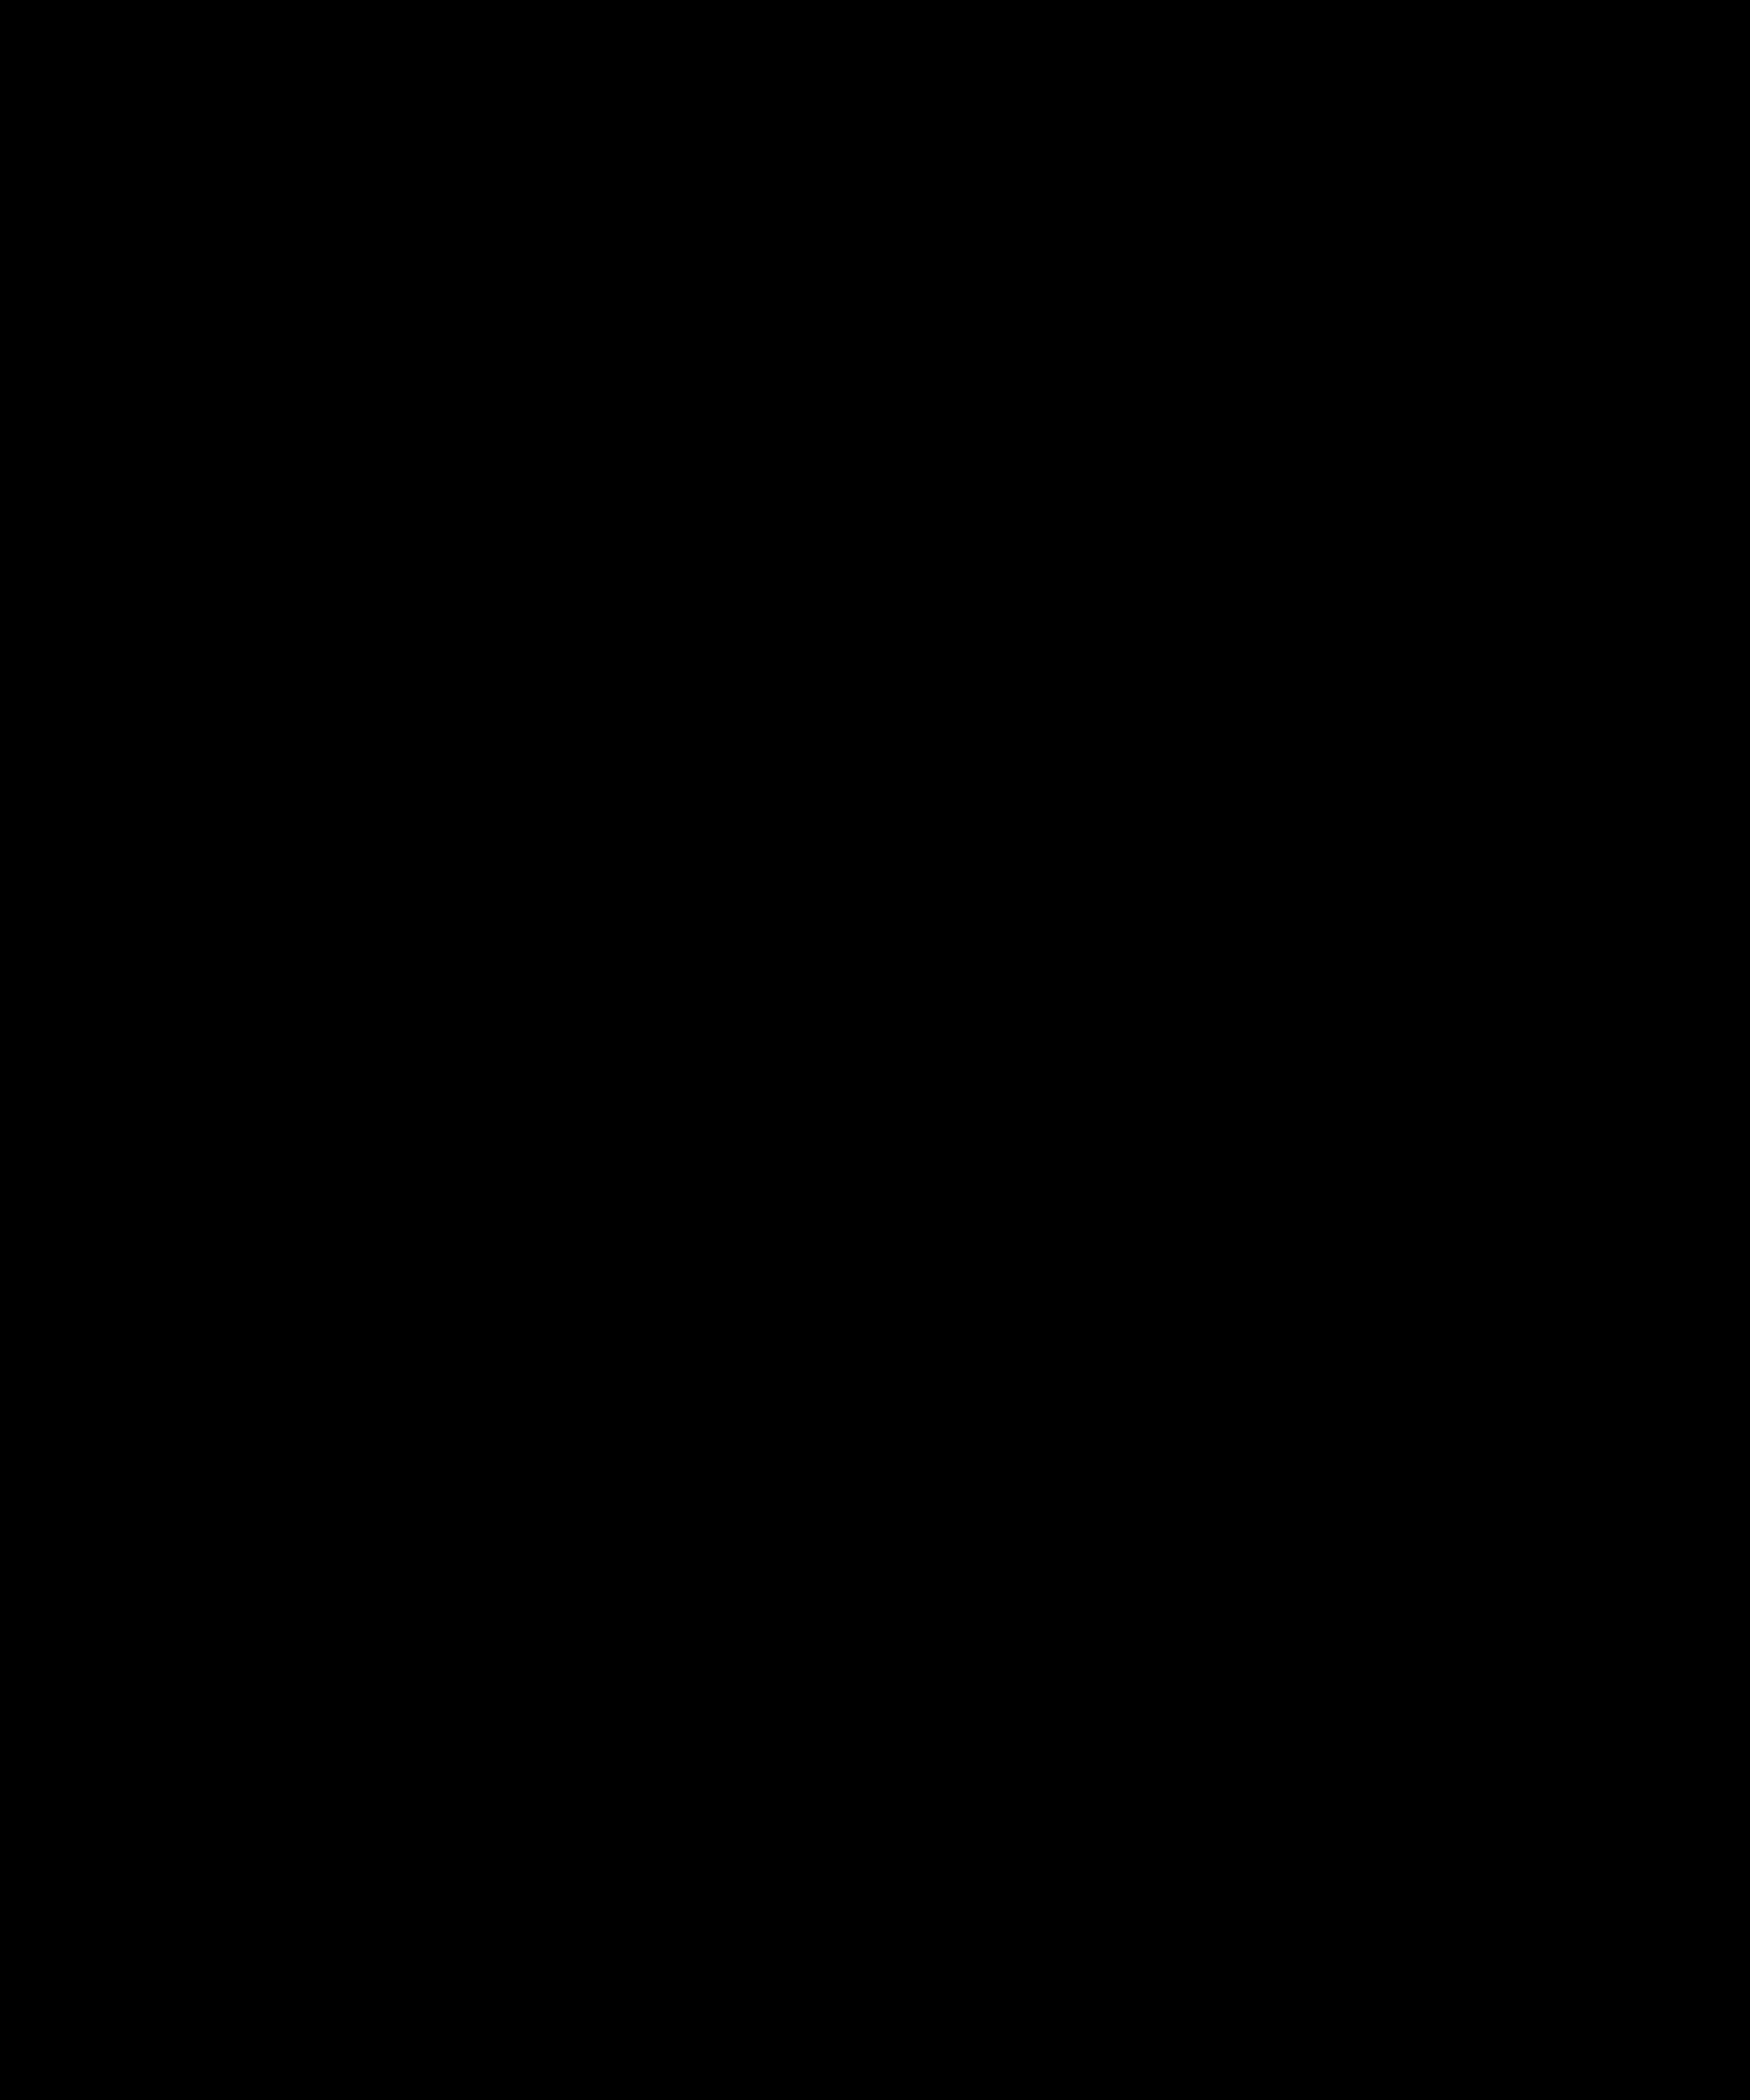 2100x2520 Black Shield Cliparts 181303